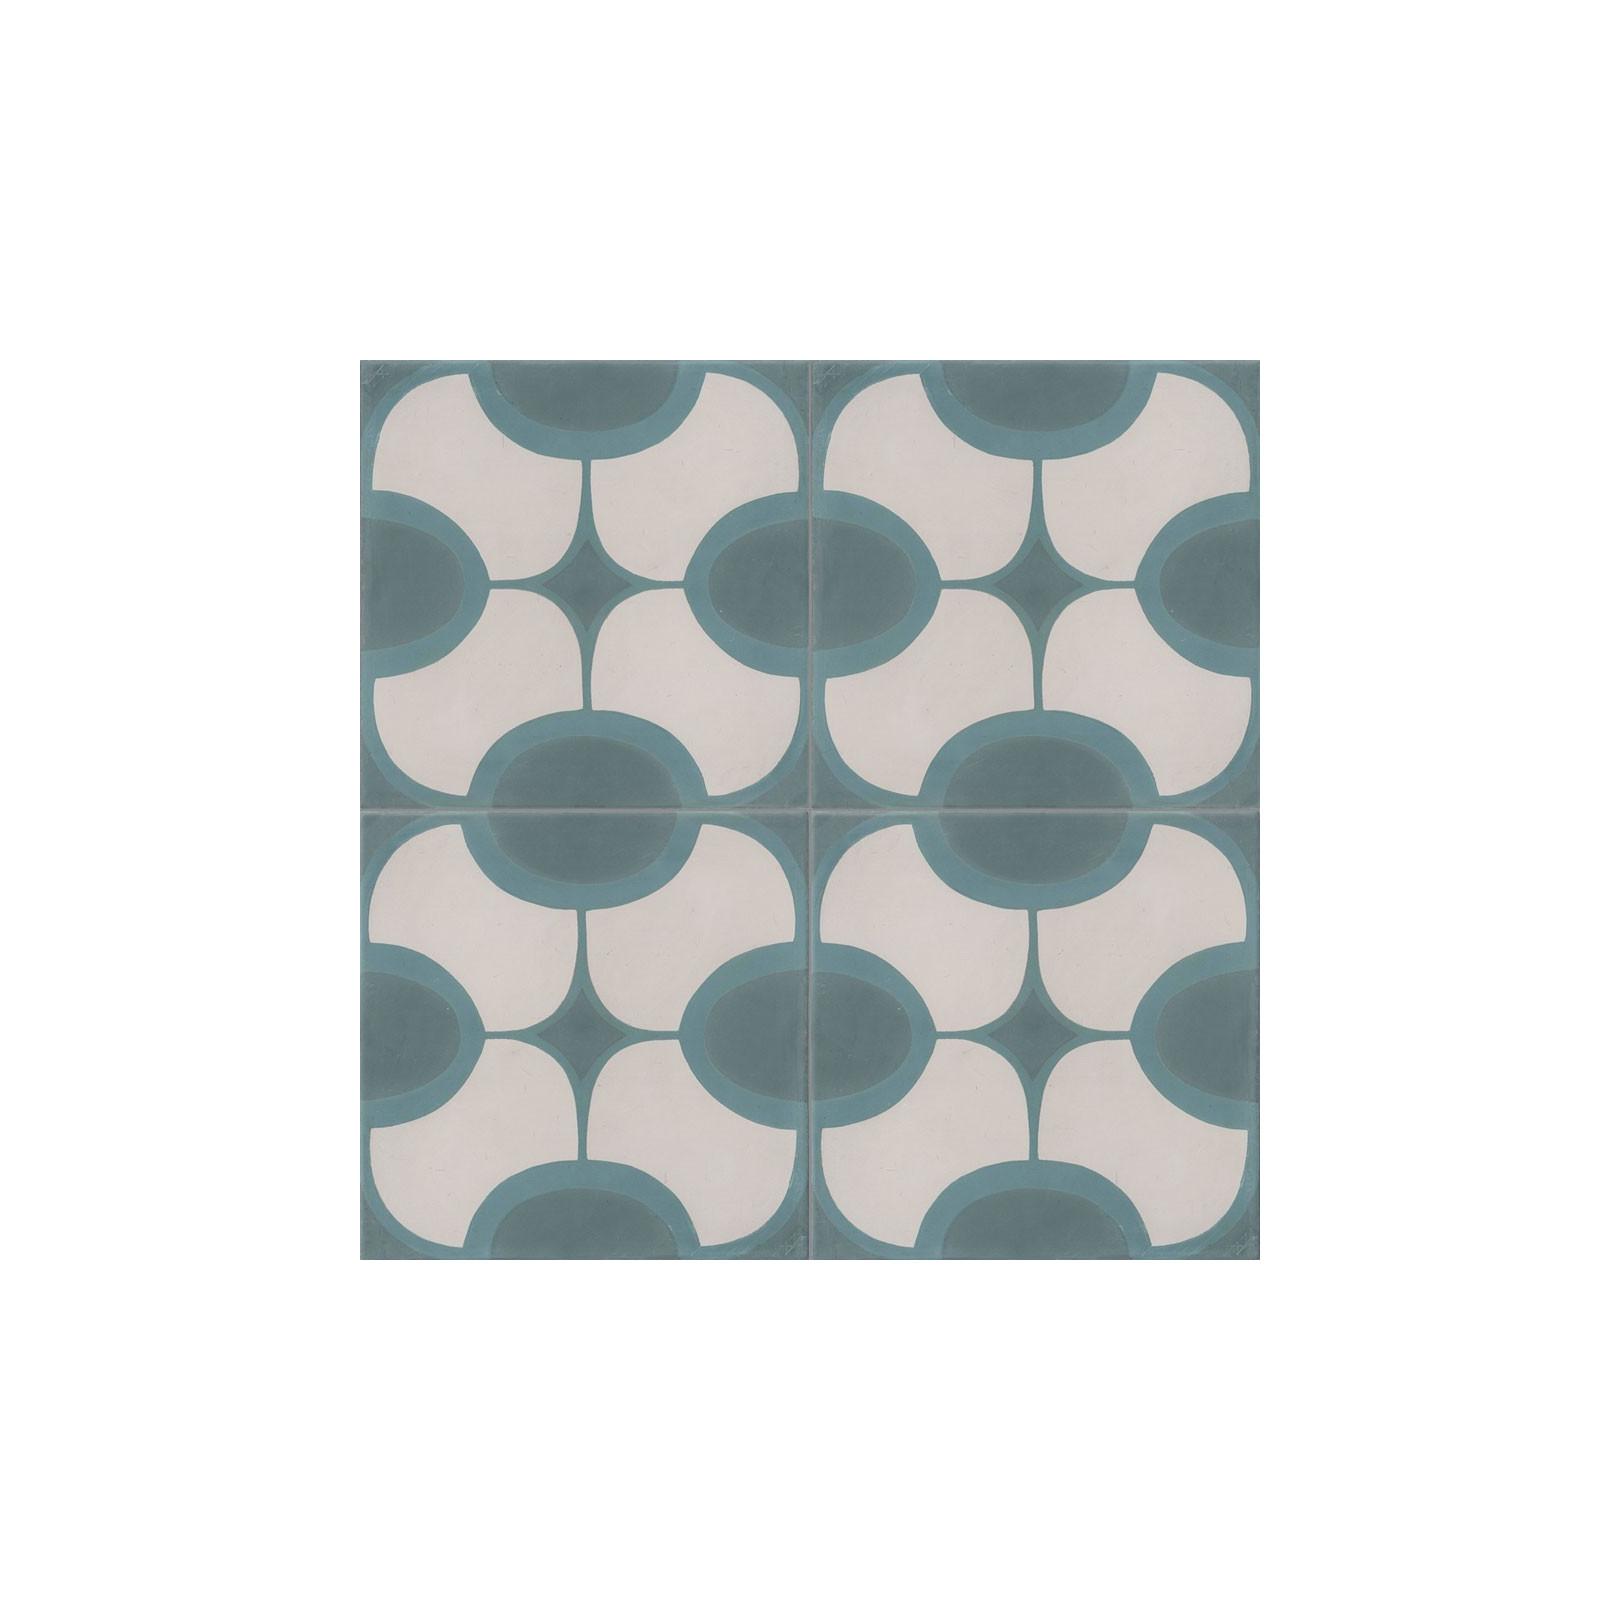 Carreau de ciment coloré motif 4 carreaux vert, bleu et blanc JOHN 07.40.39